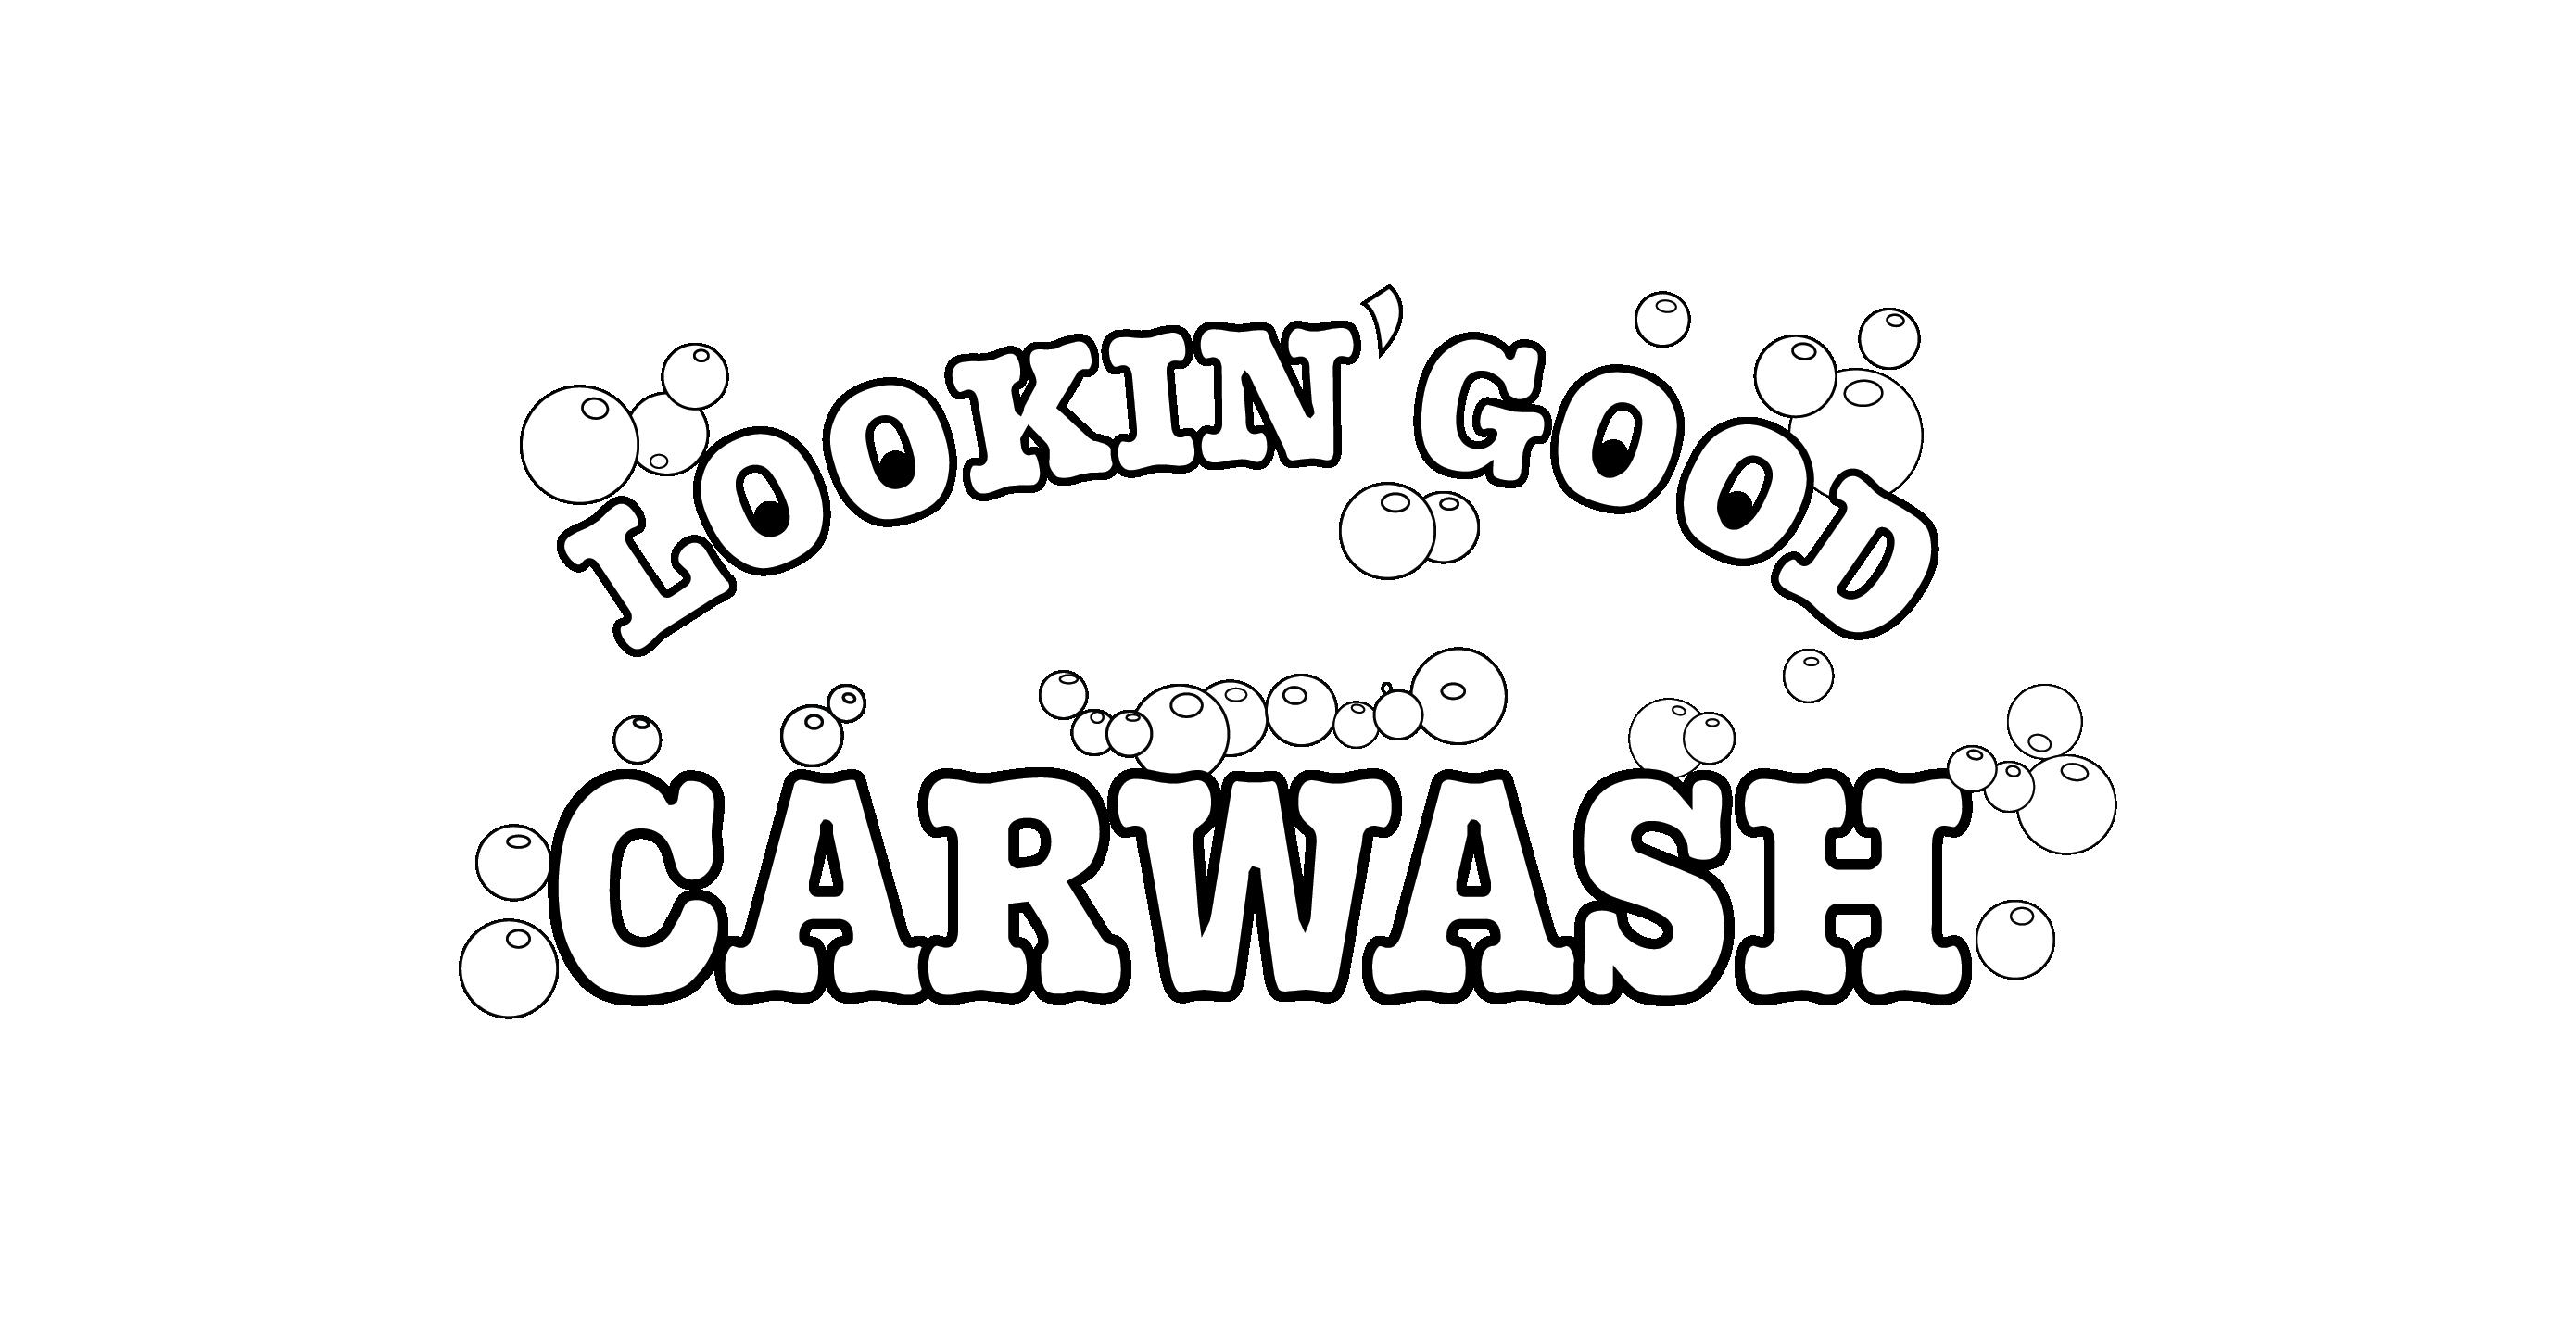 Lookin Good Car Wash